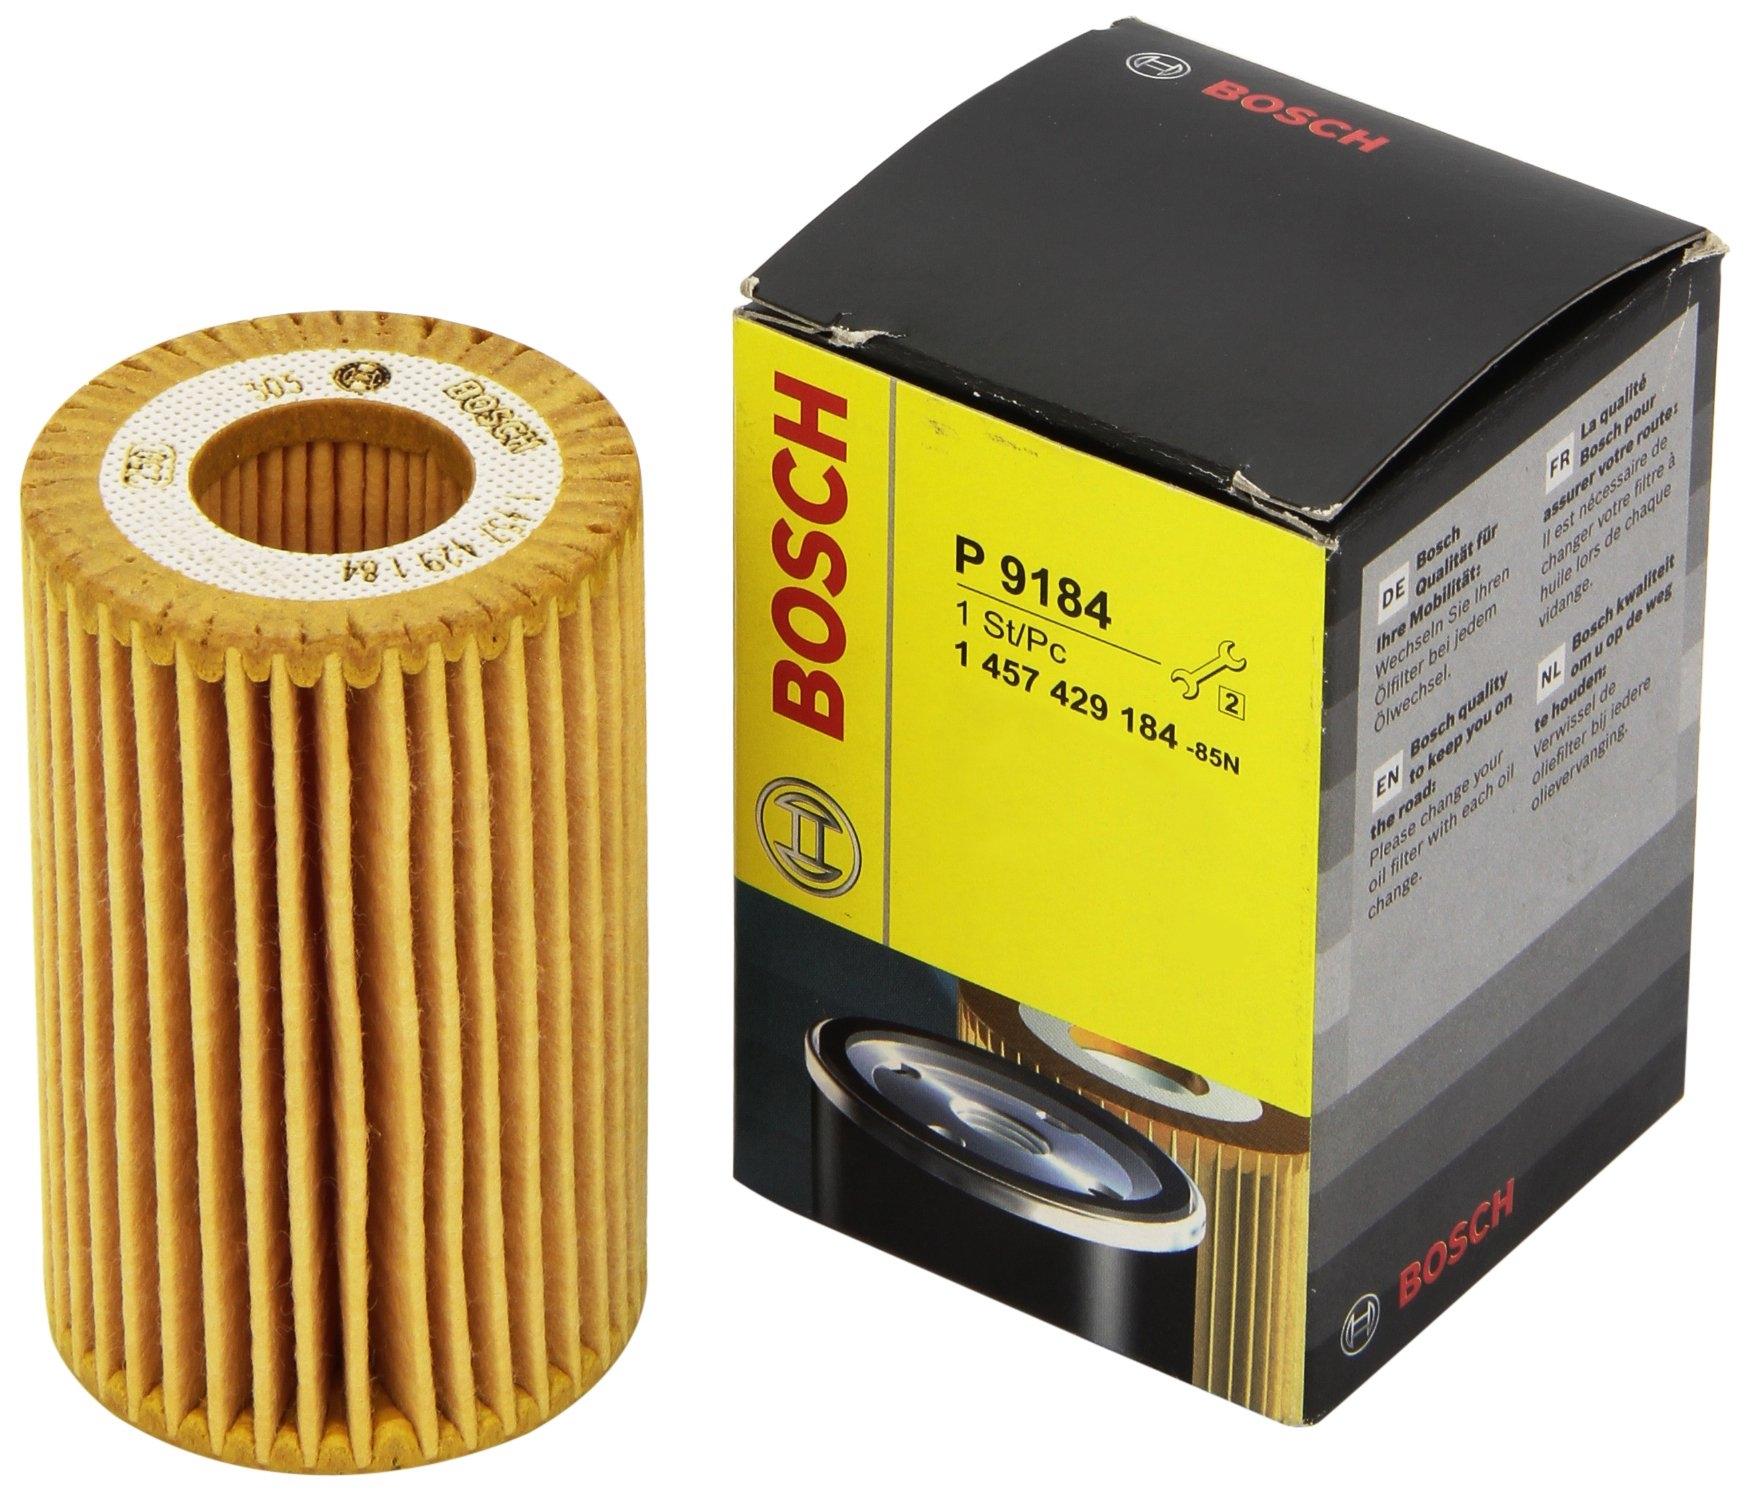 1457429184 Фильтр масляный Bosch